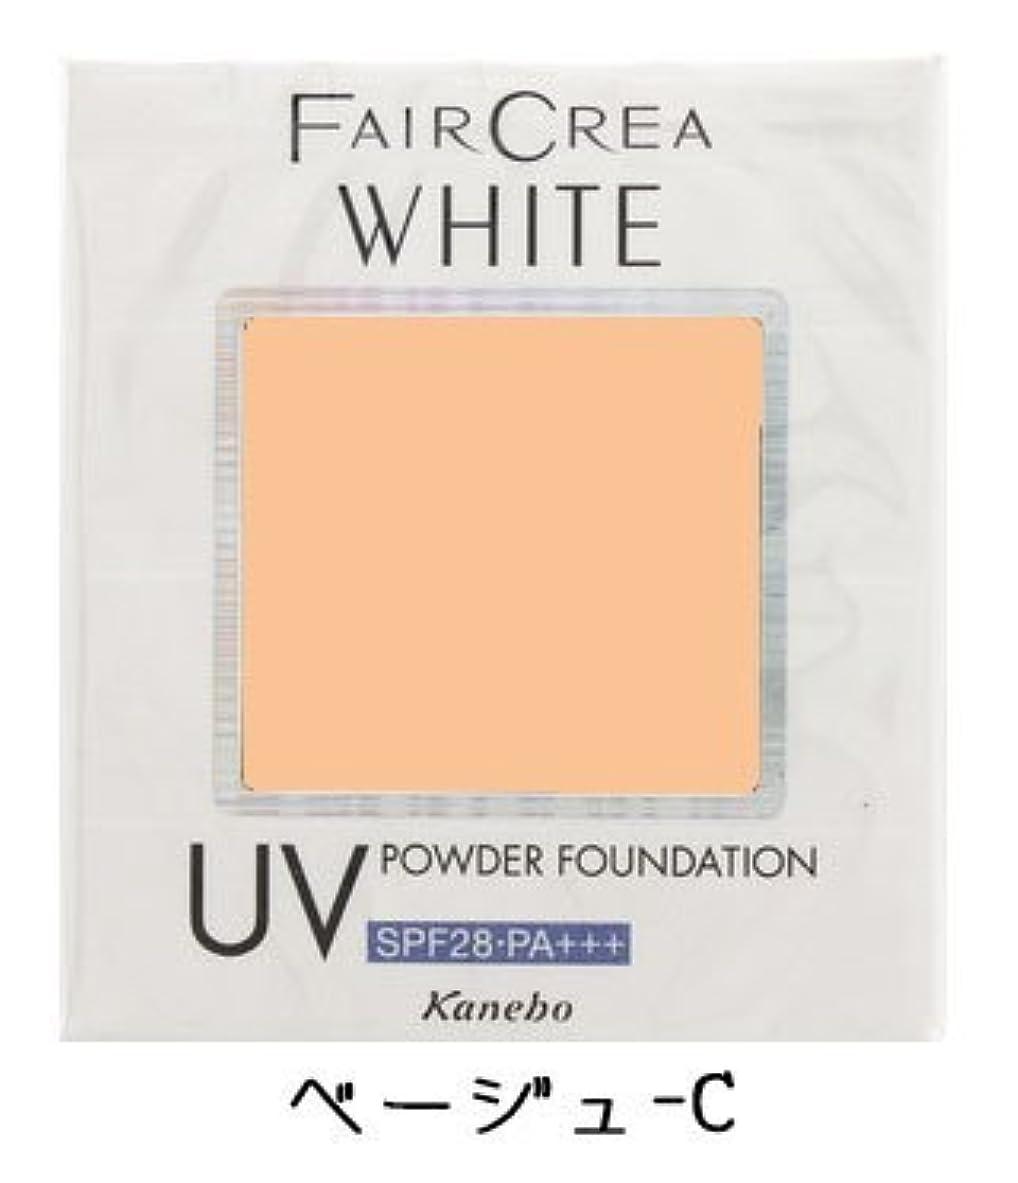 三角誇張するバターカネボウ フェアクレア ホワイトUVパウダーファンデーション《10g》<カラー:ベージュC>